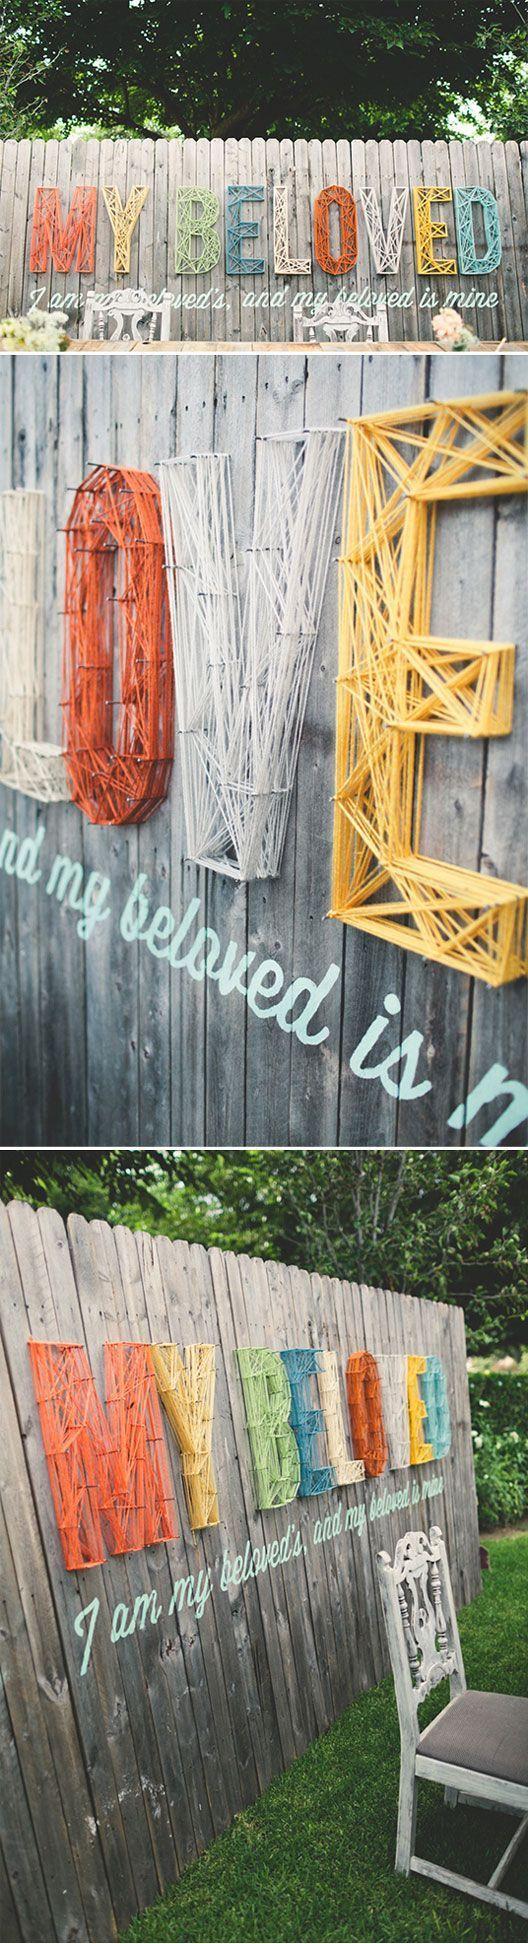 Comment décorer la clôture de son jardin? | BricoBistro